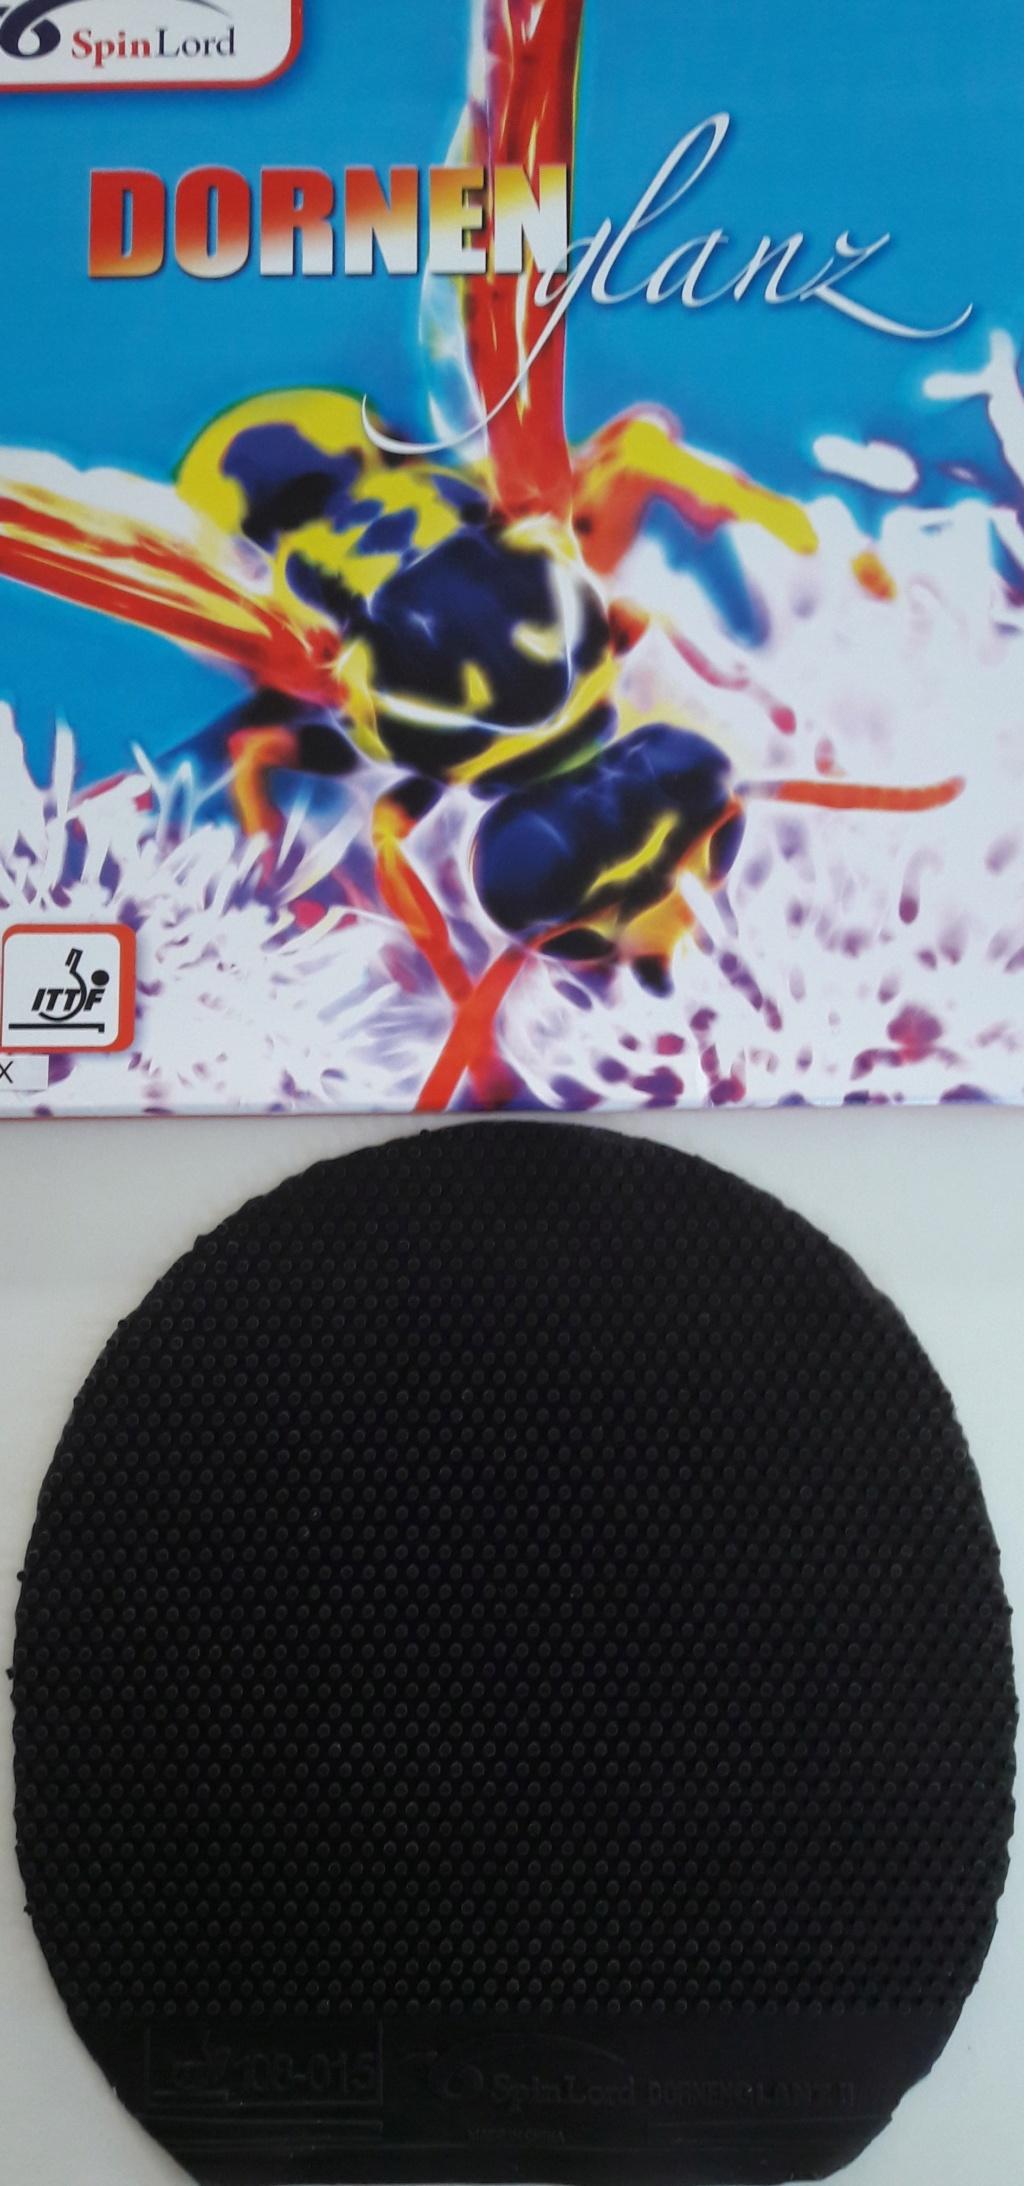 Spindlord Dornenglanz 2 TBE noir 0X 14.7*15.4 11 euros  Spindl15